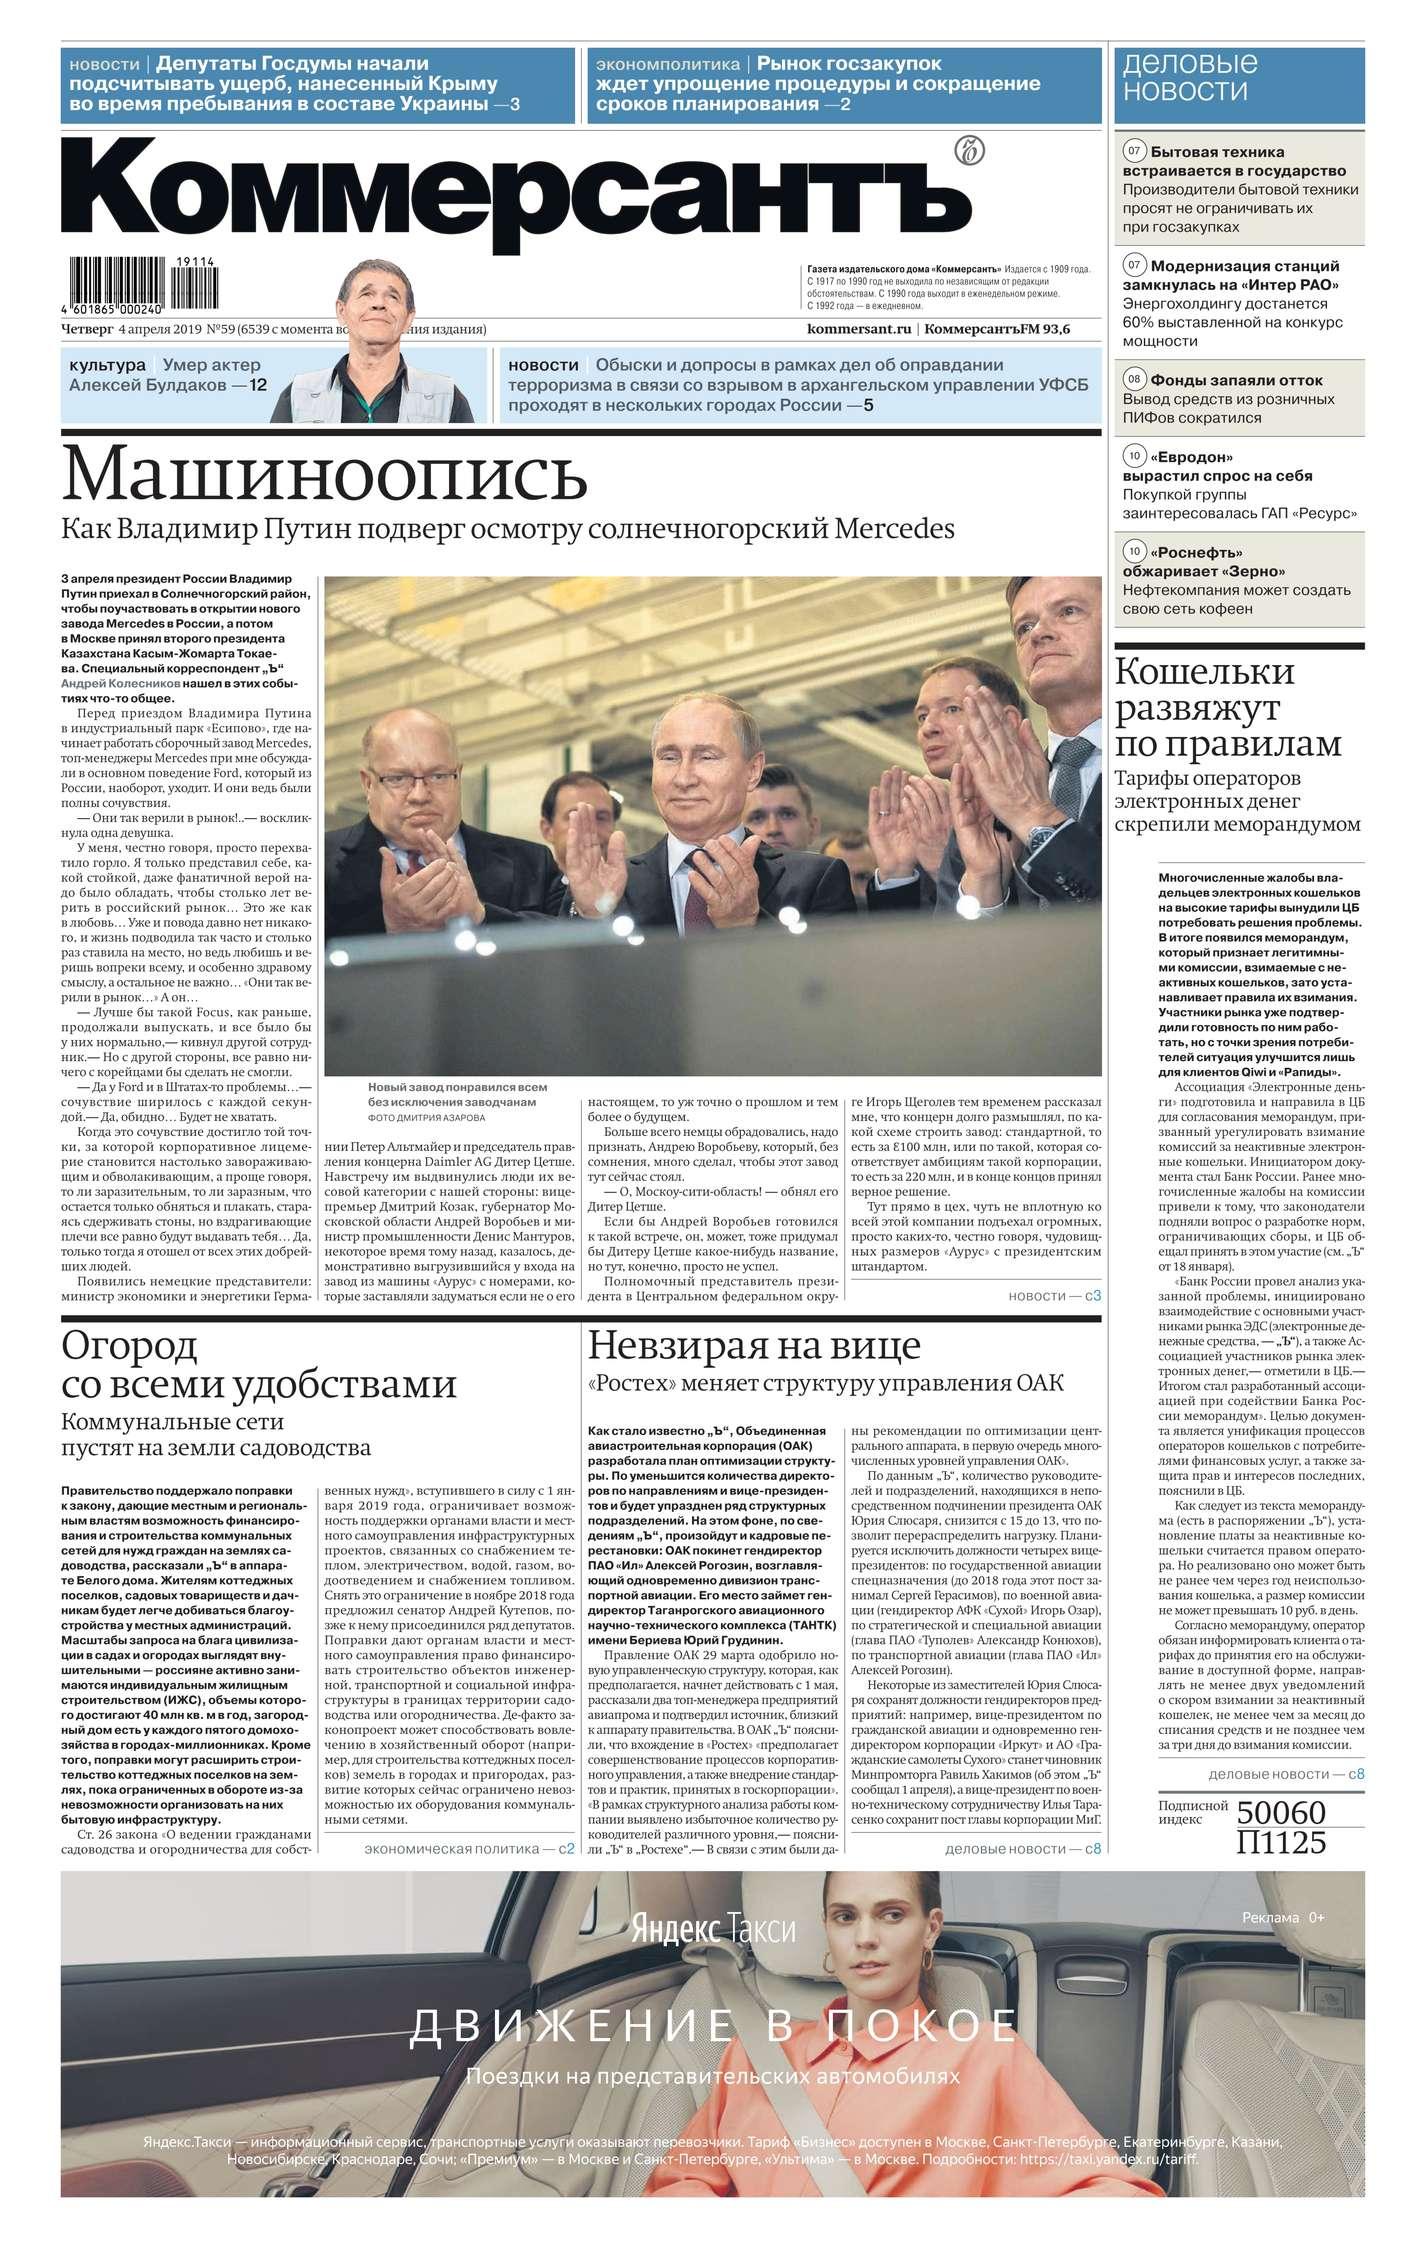 Kommersant 59-2019